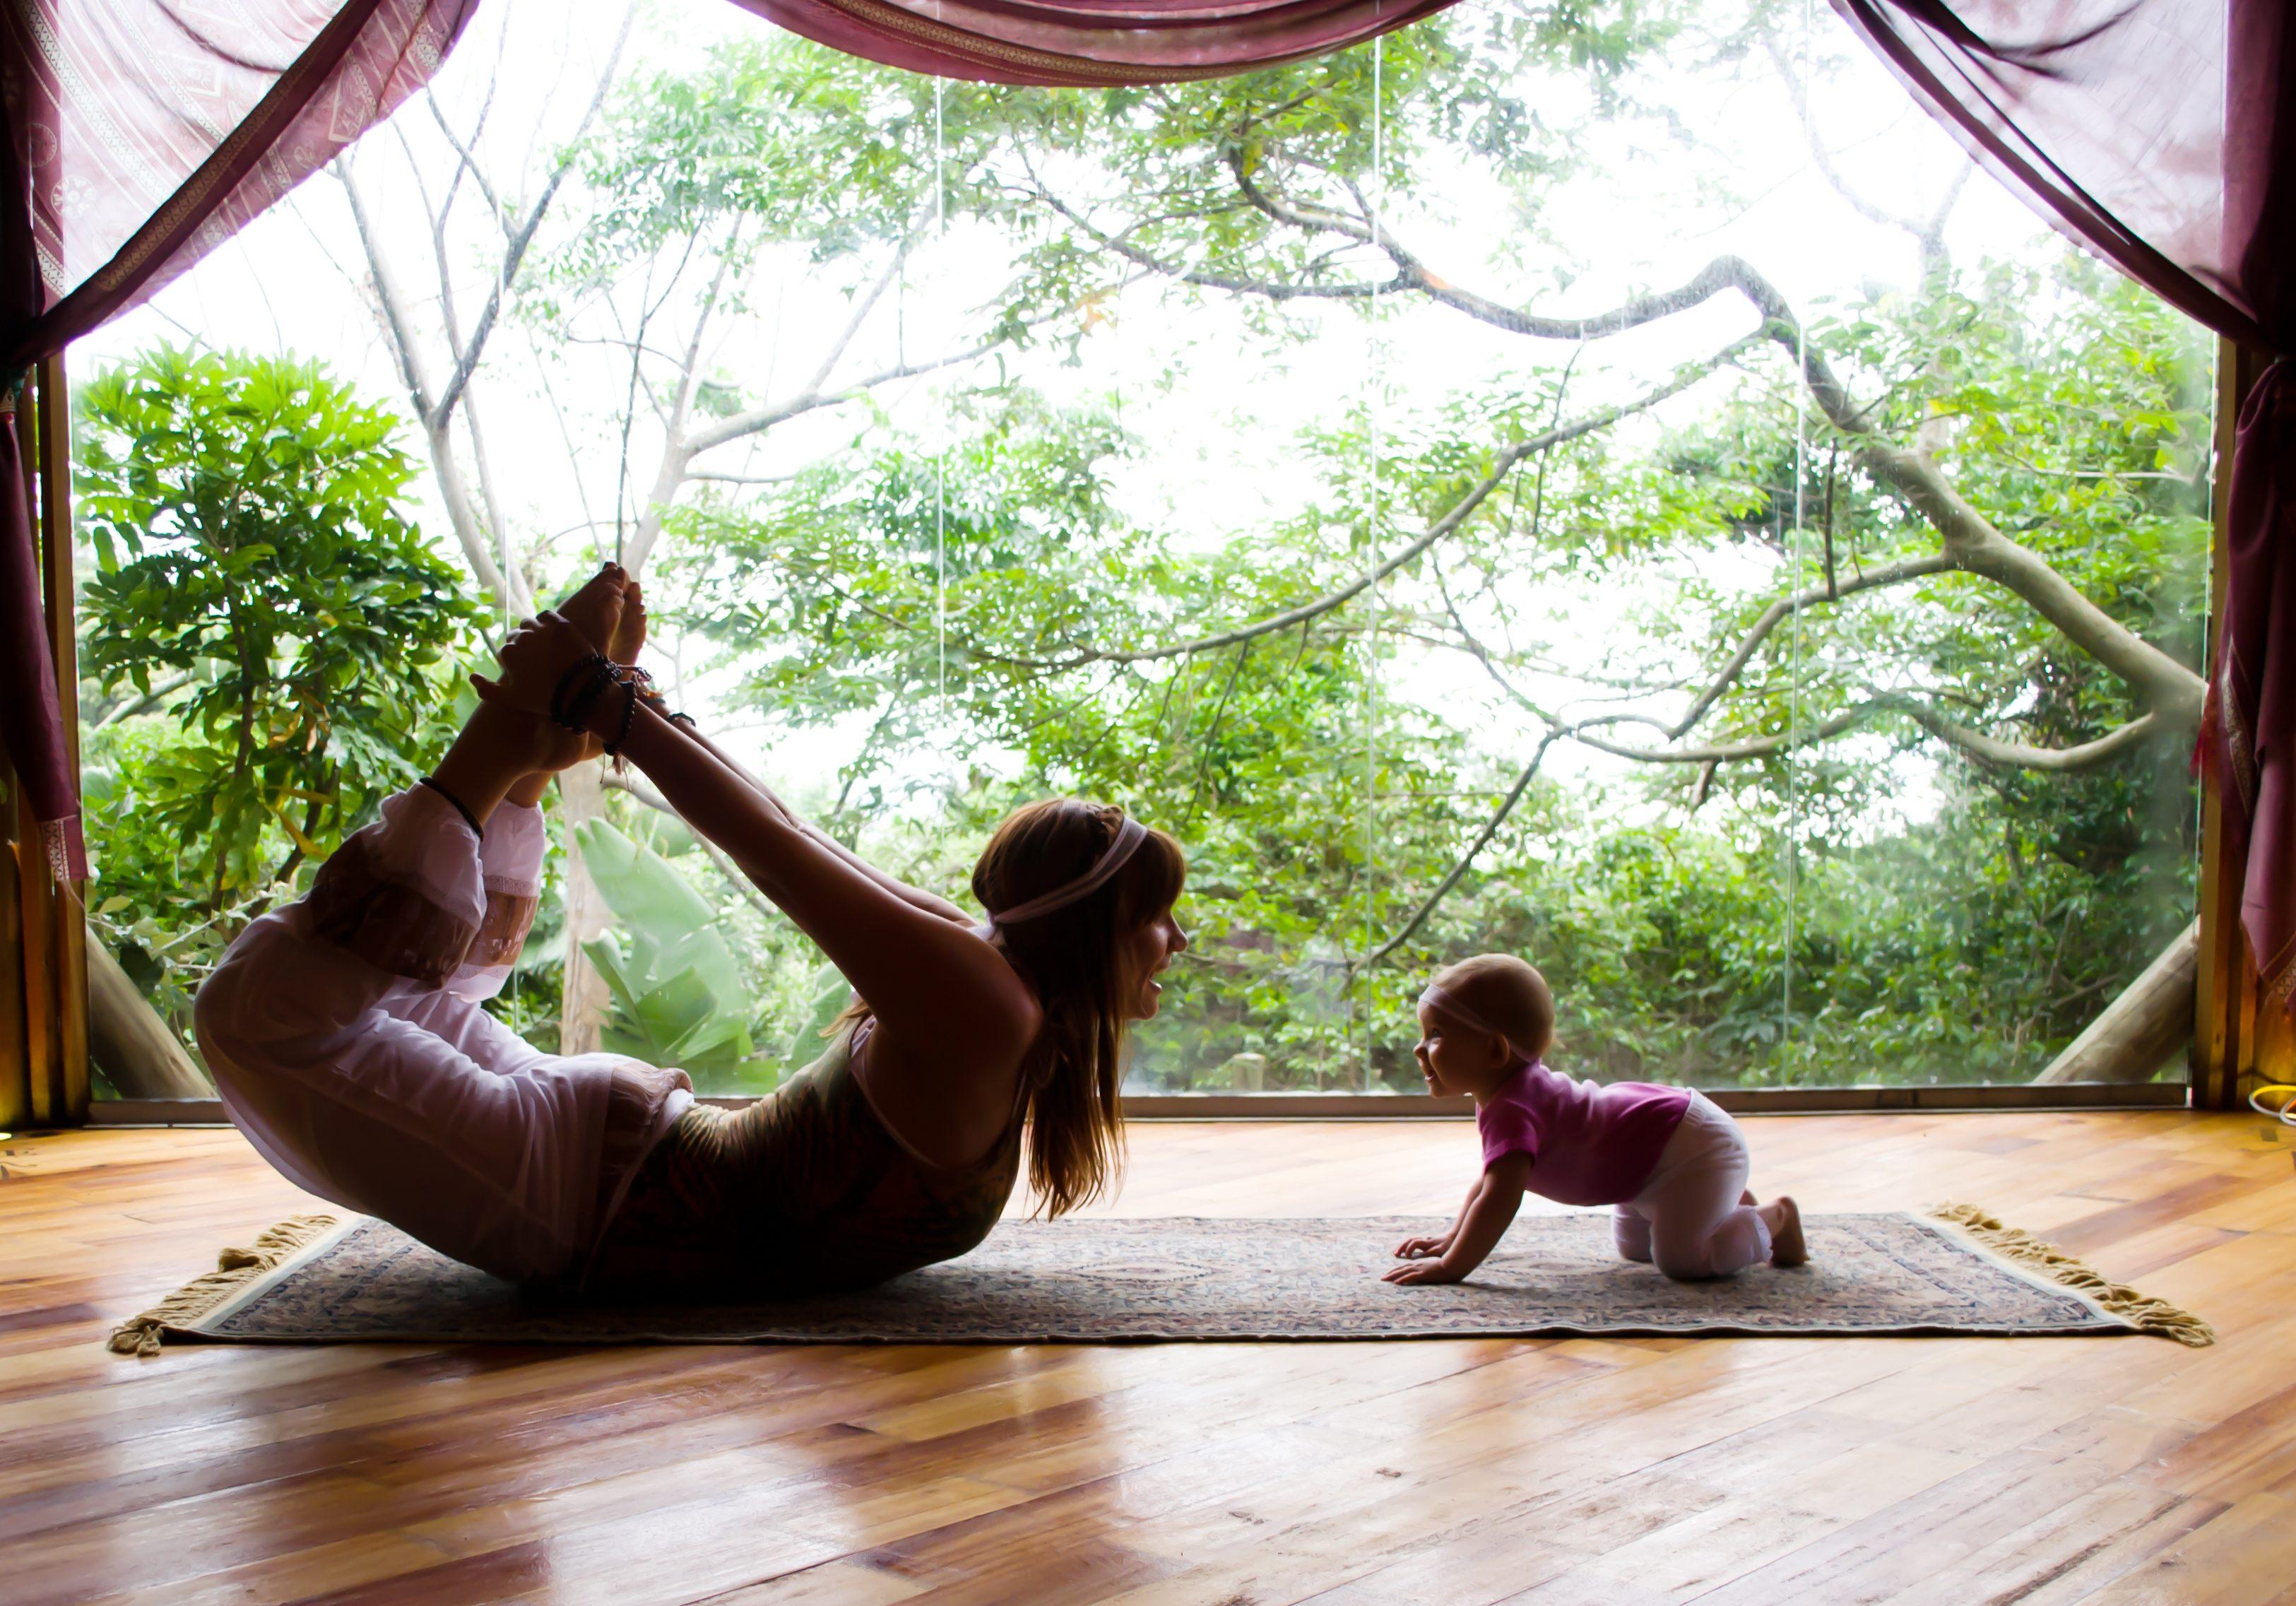 baby mom yoga hohm yoga meet sim yoga retreat yoga classes yoga south coast